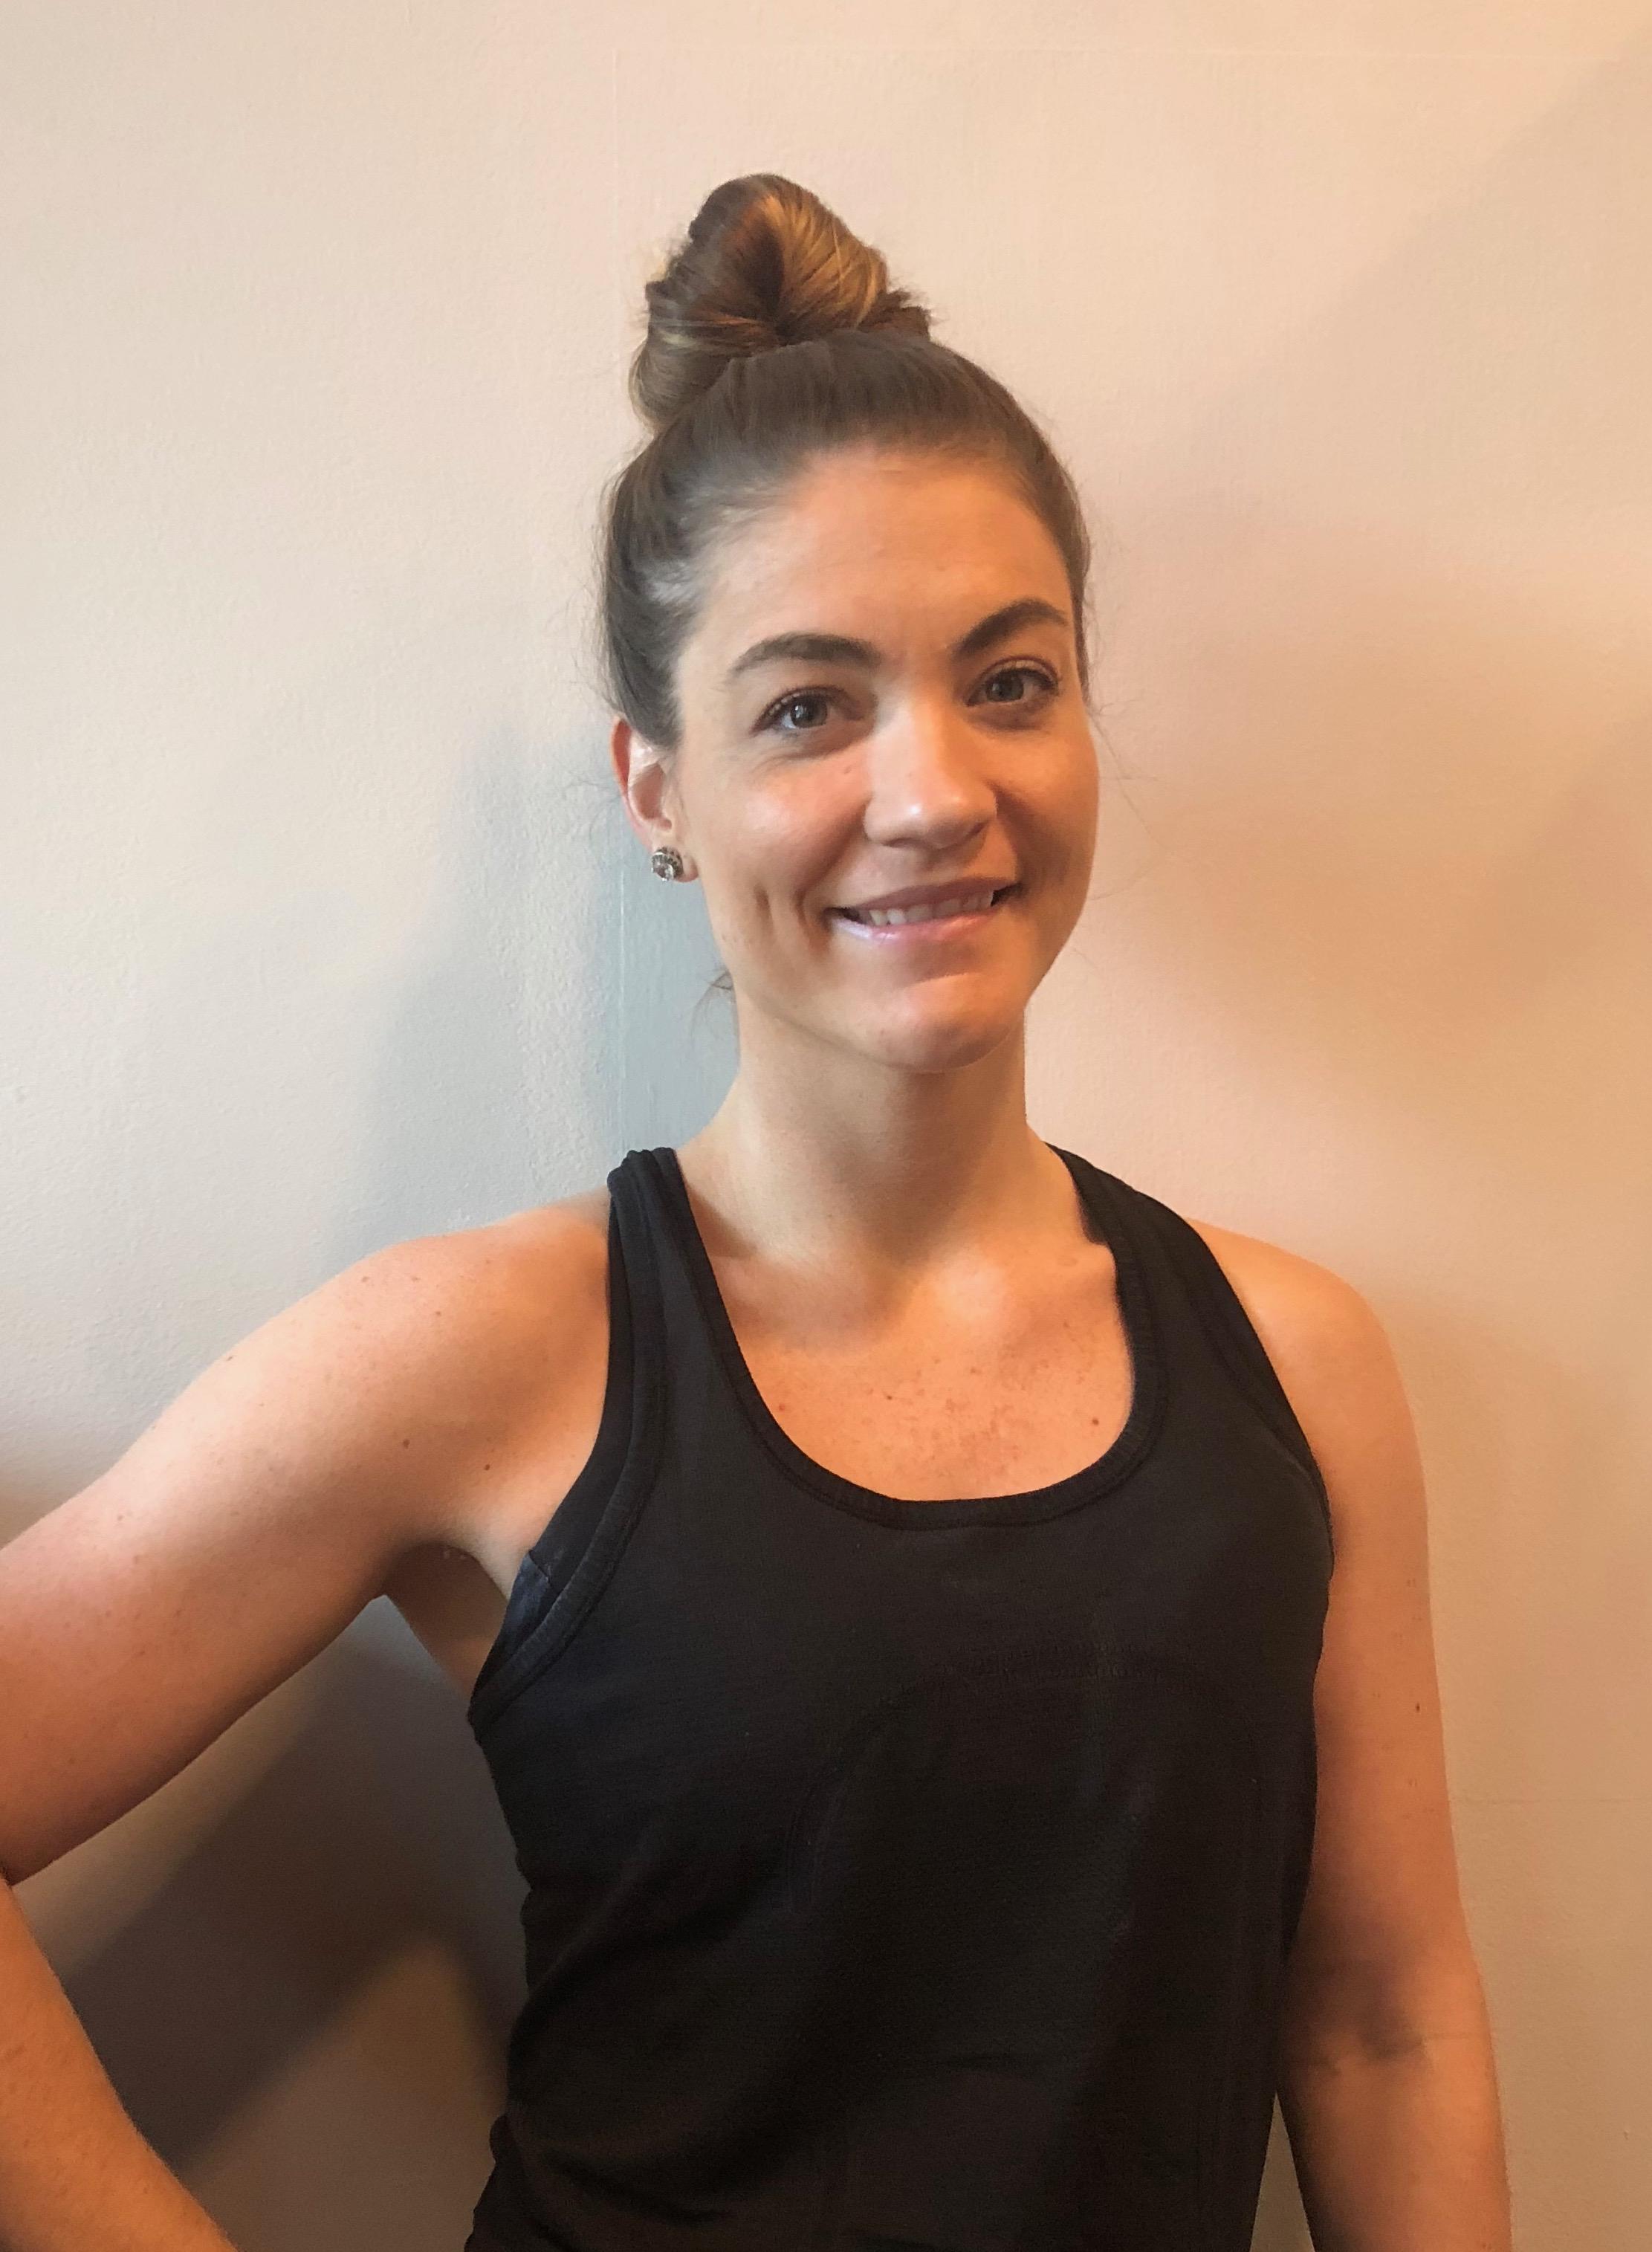 Trainer - Devon Price